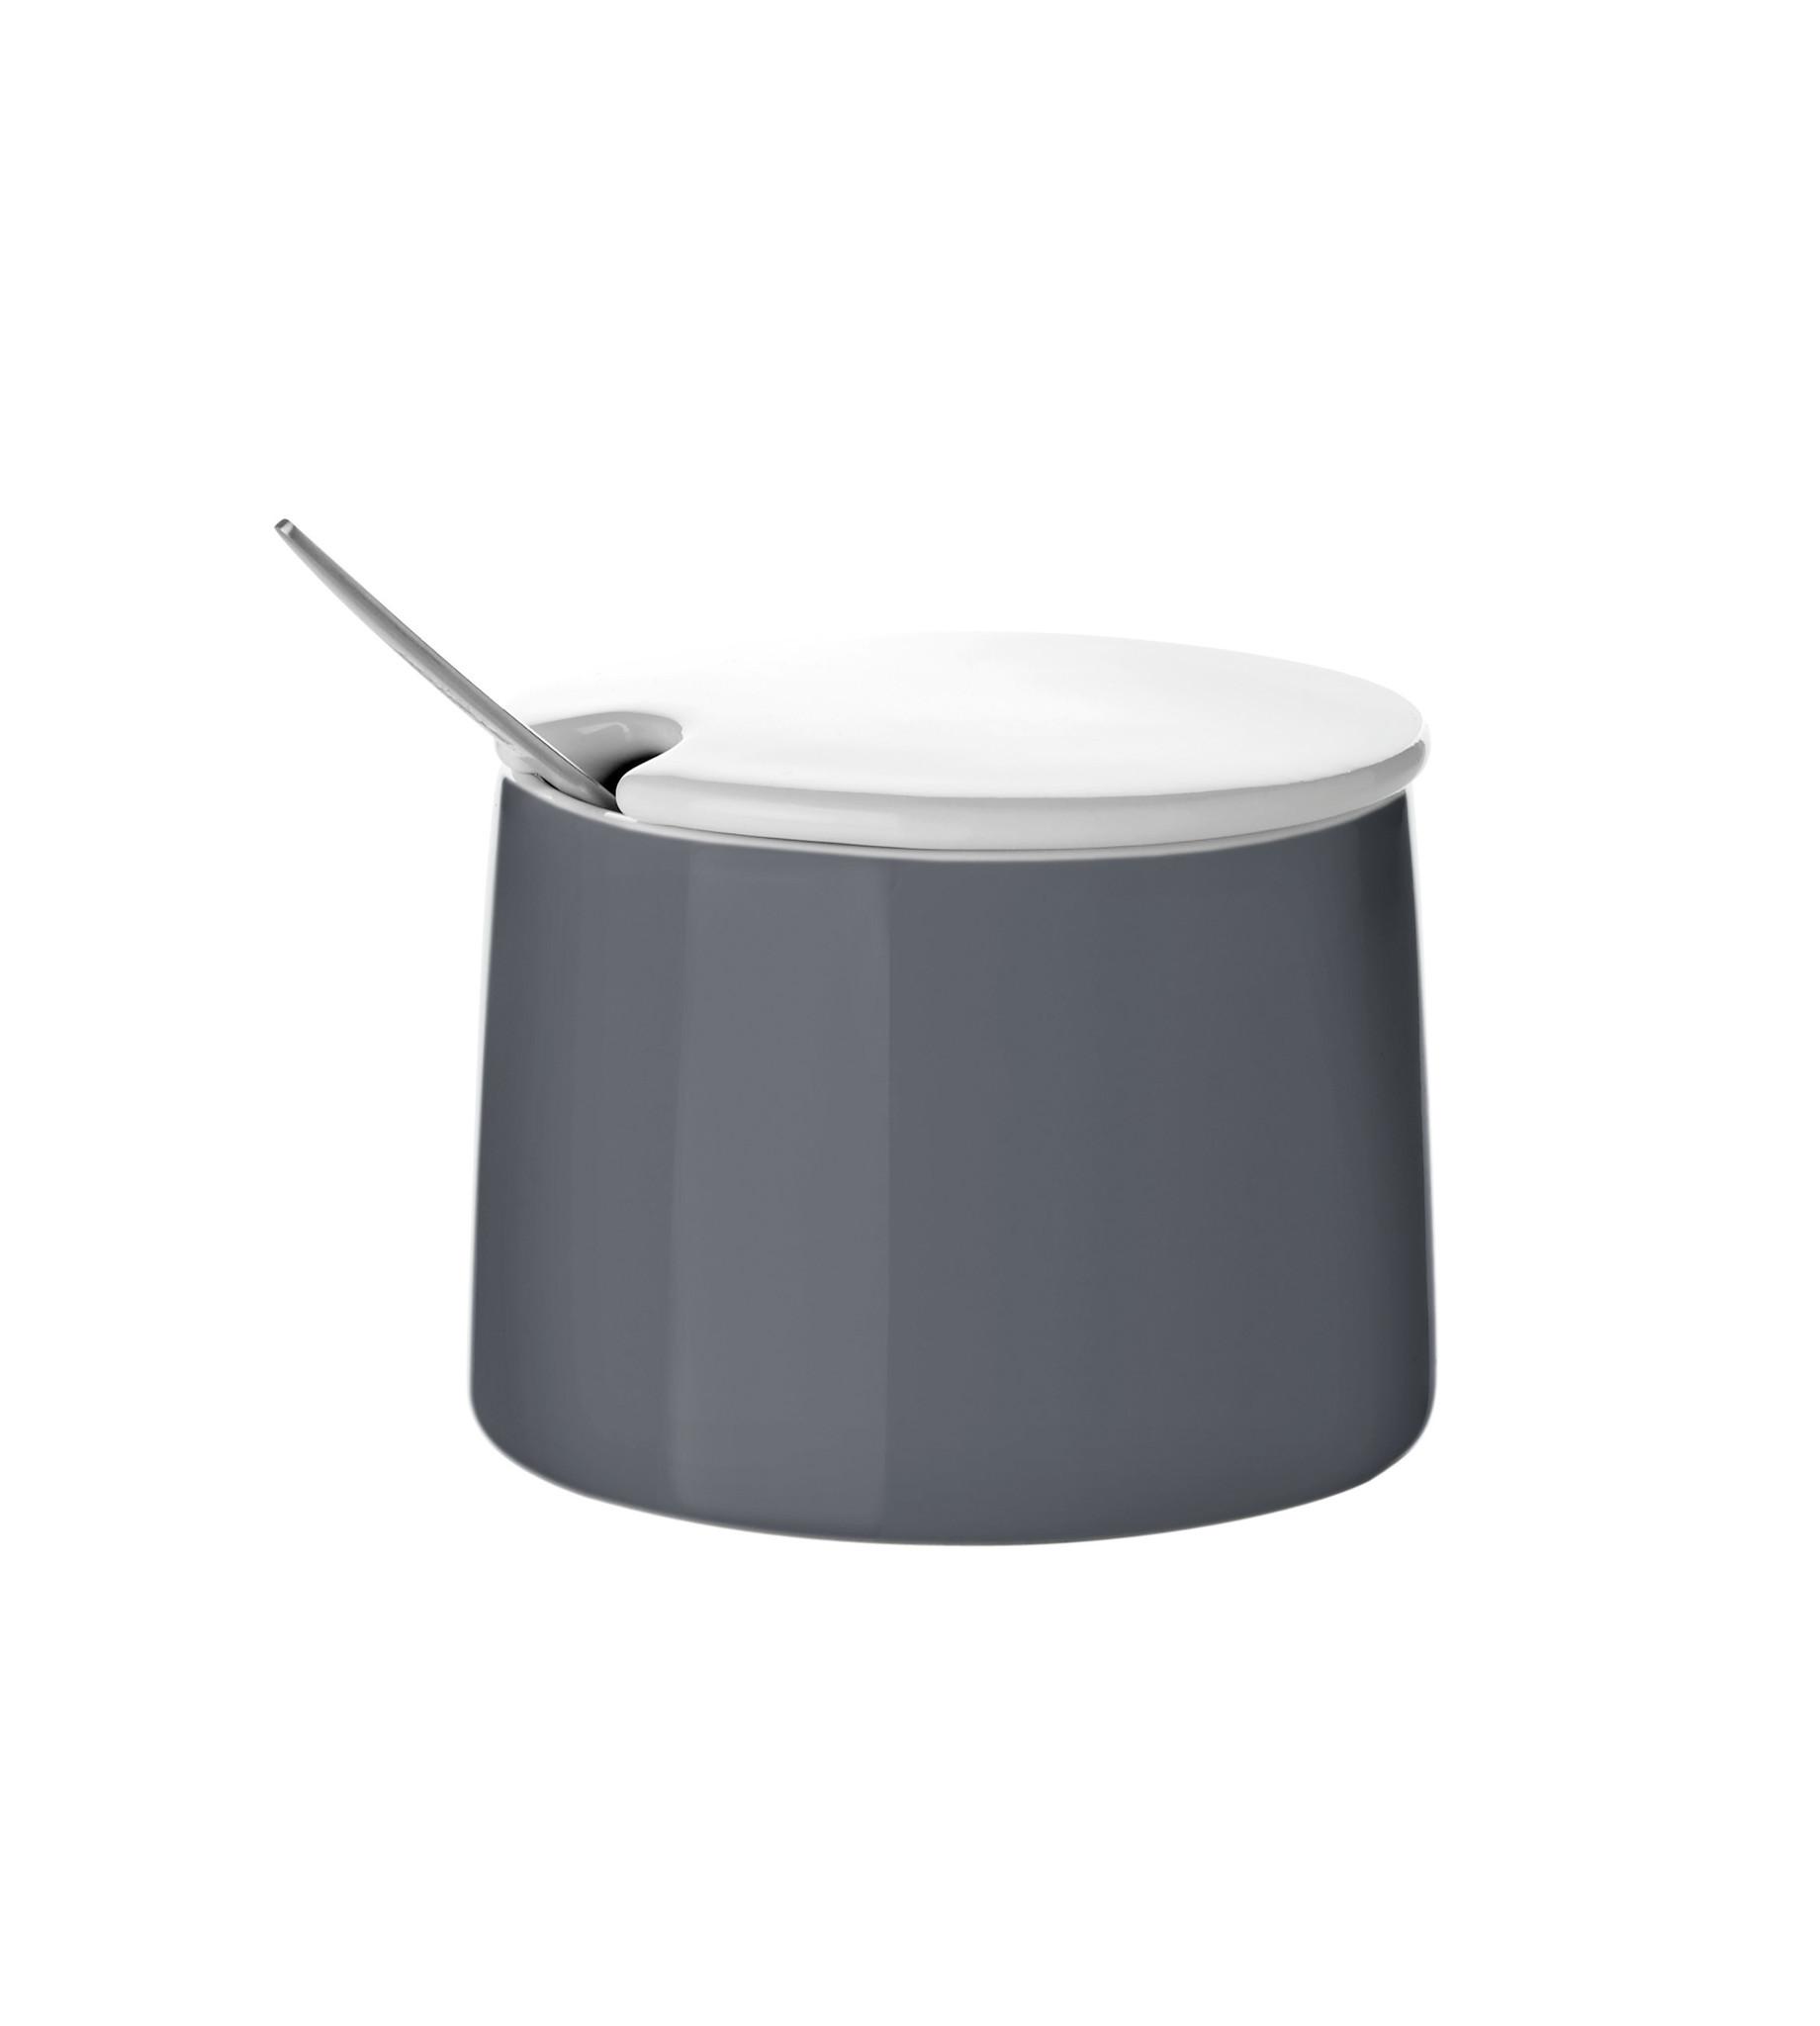 Сахарница EmmaСахарницы<br>Практичная сахарница с удобной крышкой, которая имеет специальное отверстие для ложки. Таким образом сахар внутри не покрывается пылью.<br><br>Material: Керамика<br>Width см: 8,5<br>Depth см: 8<br>Height см: 8.5